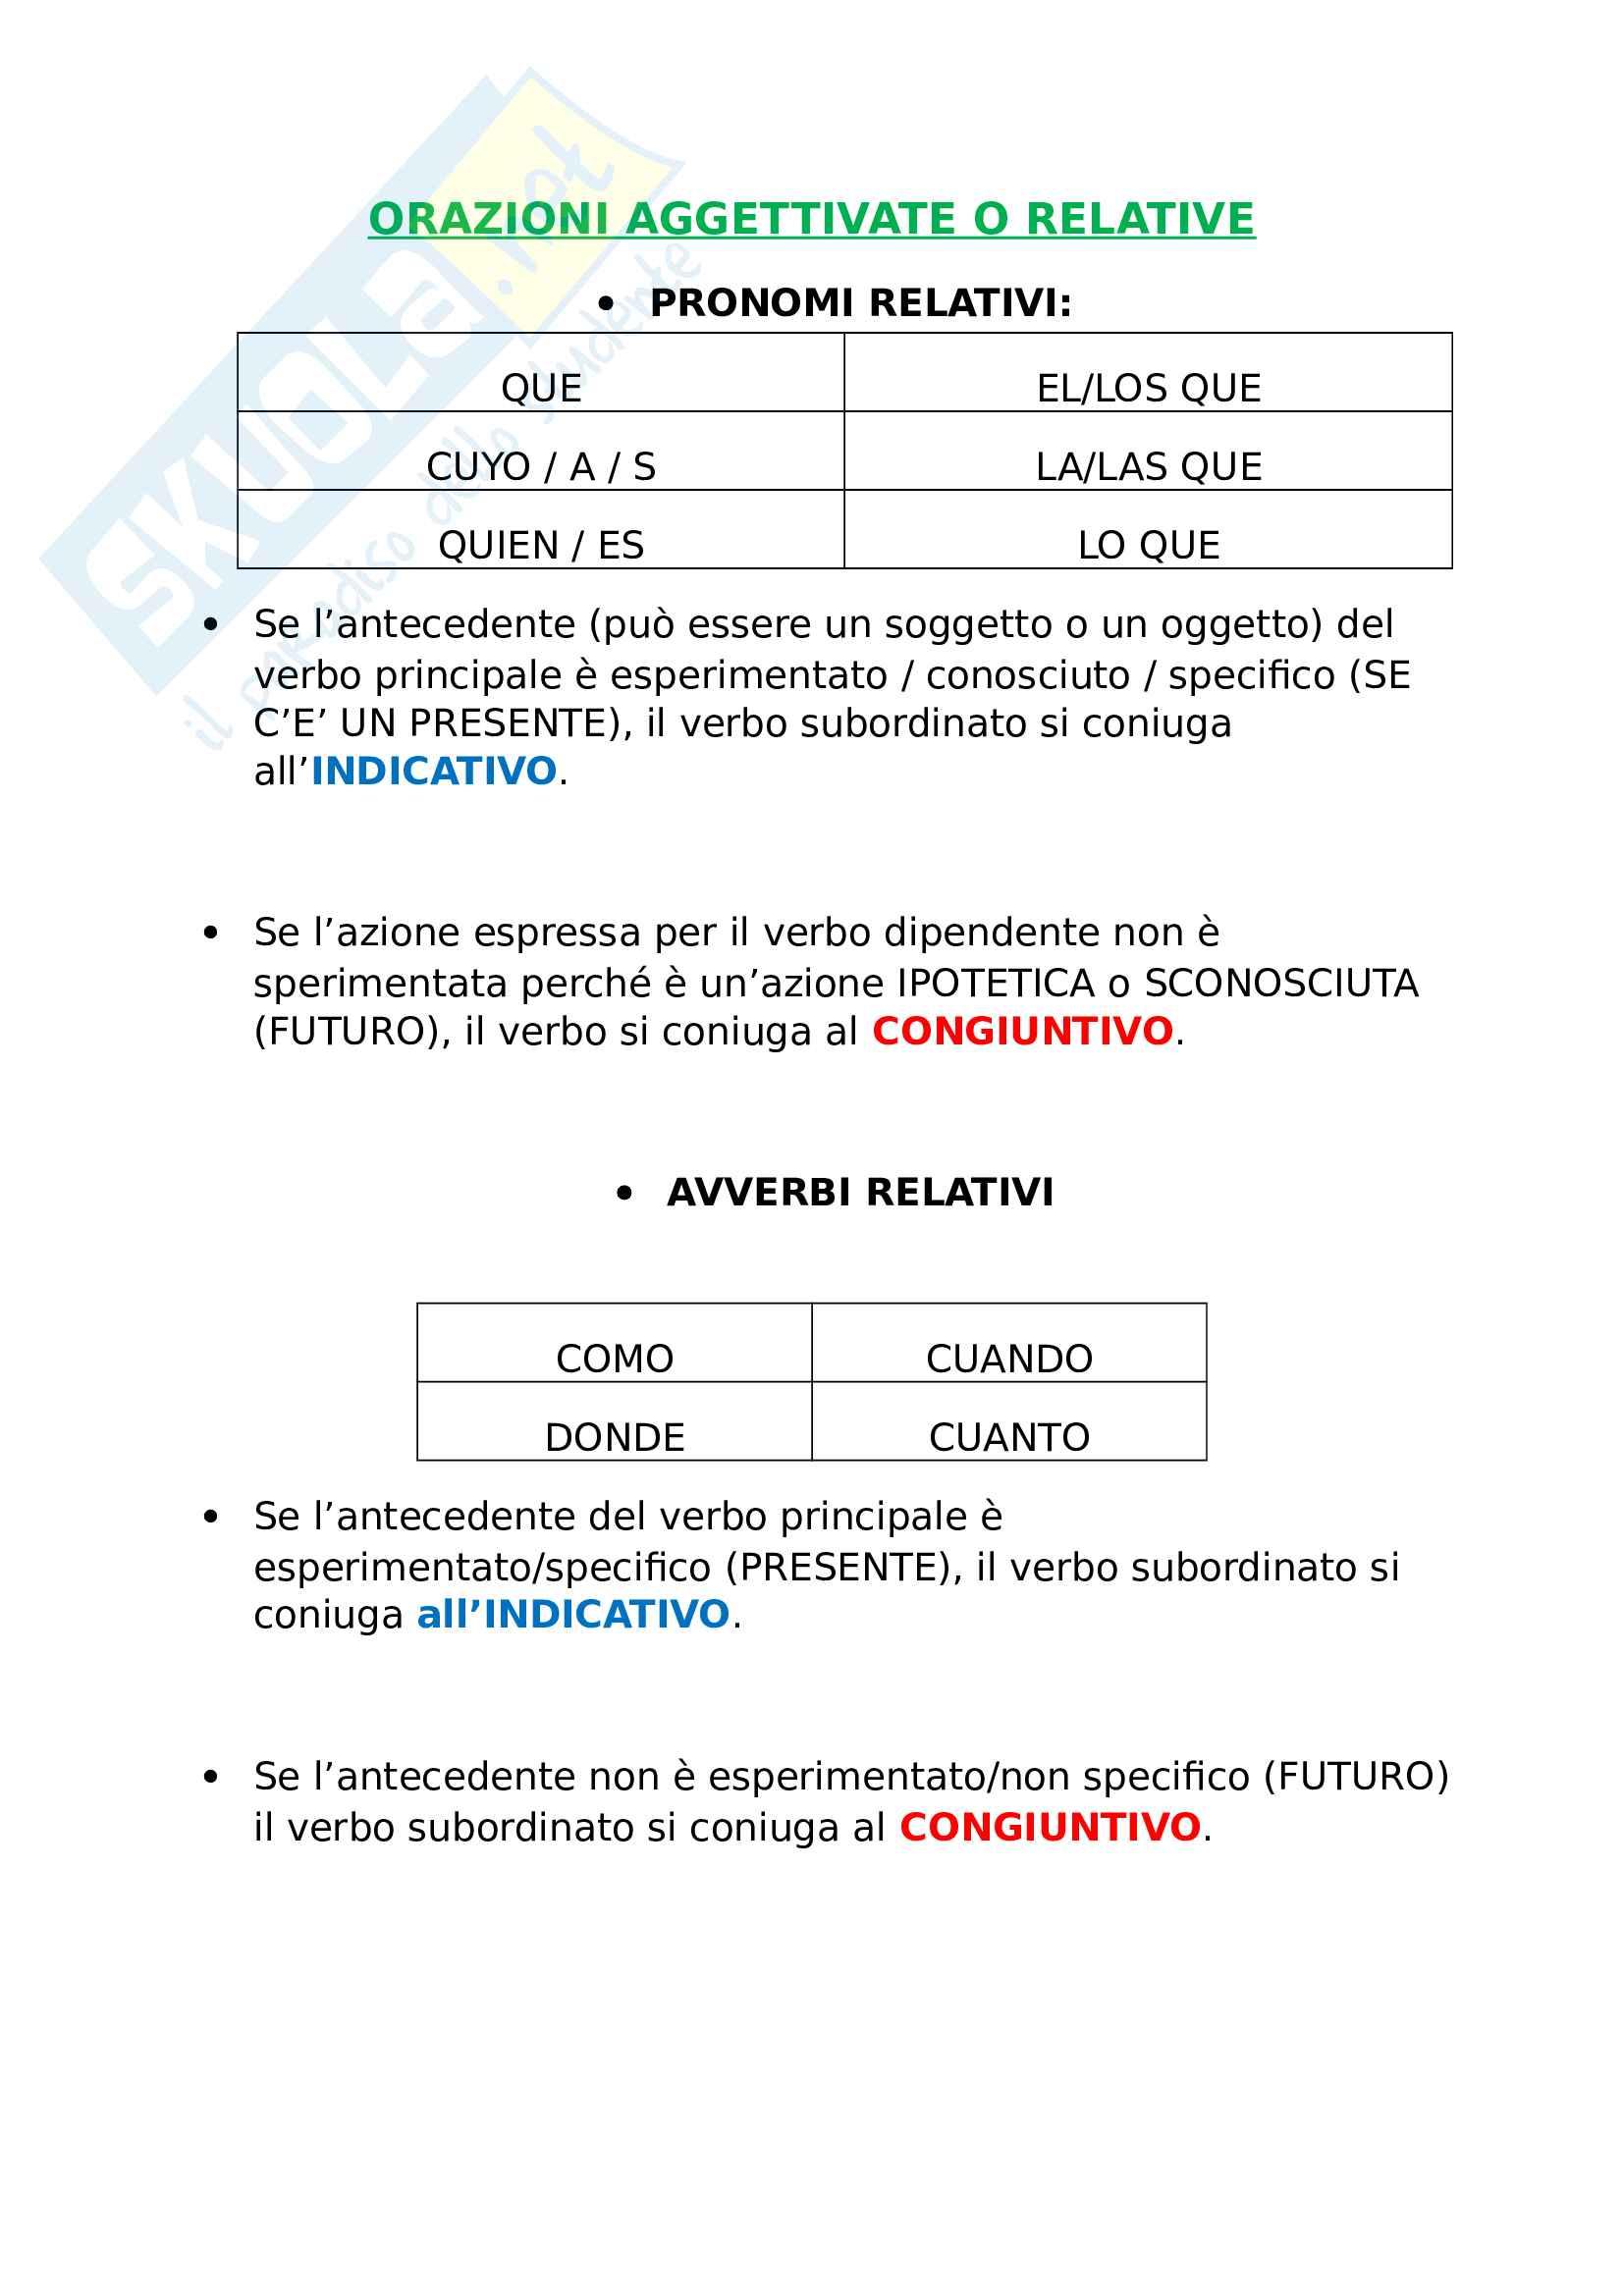 Uso del subjuntivo - Spagnolo Pag. 6